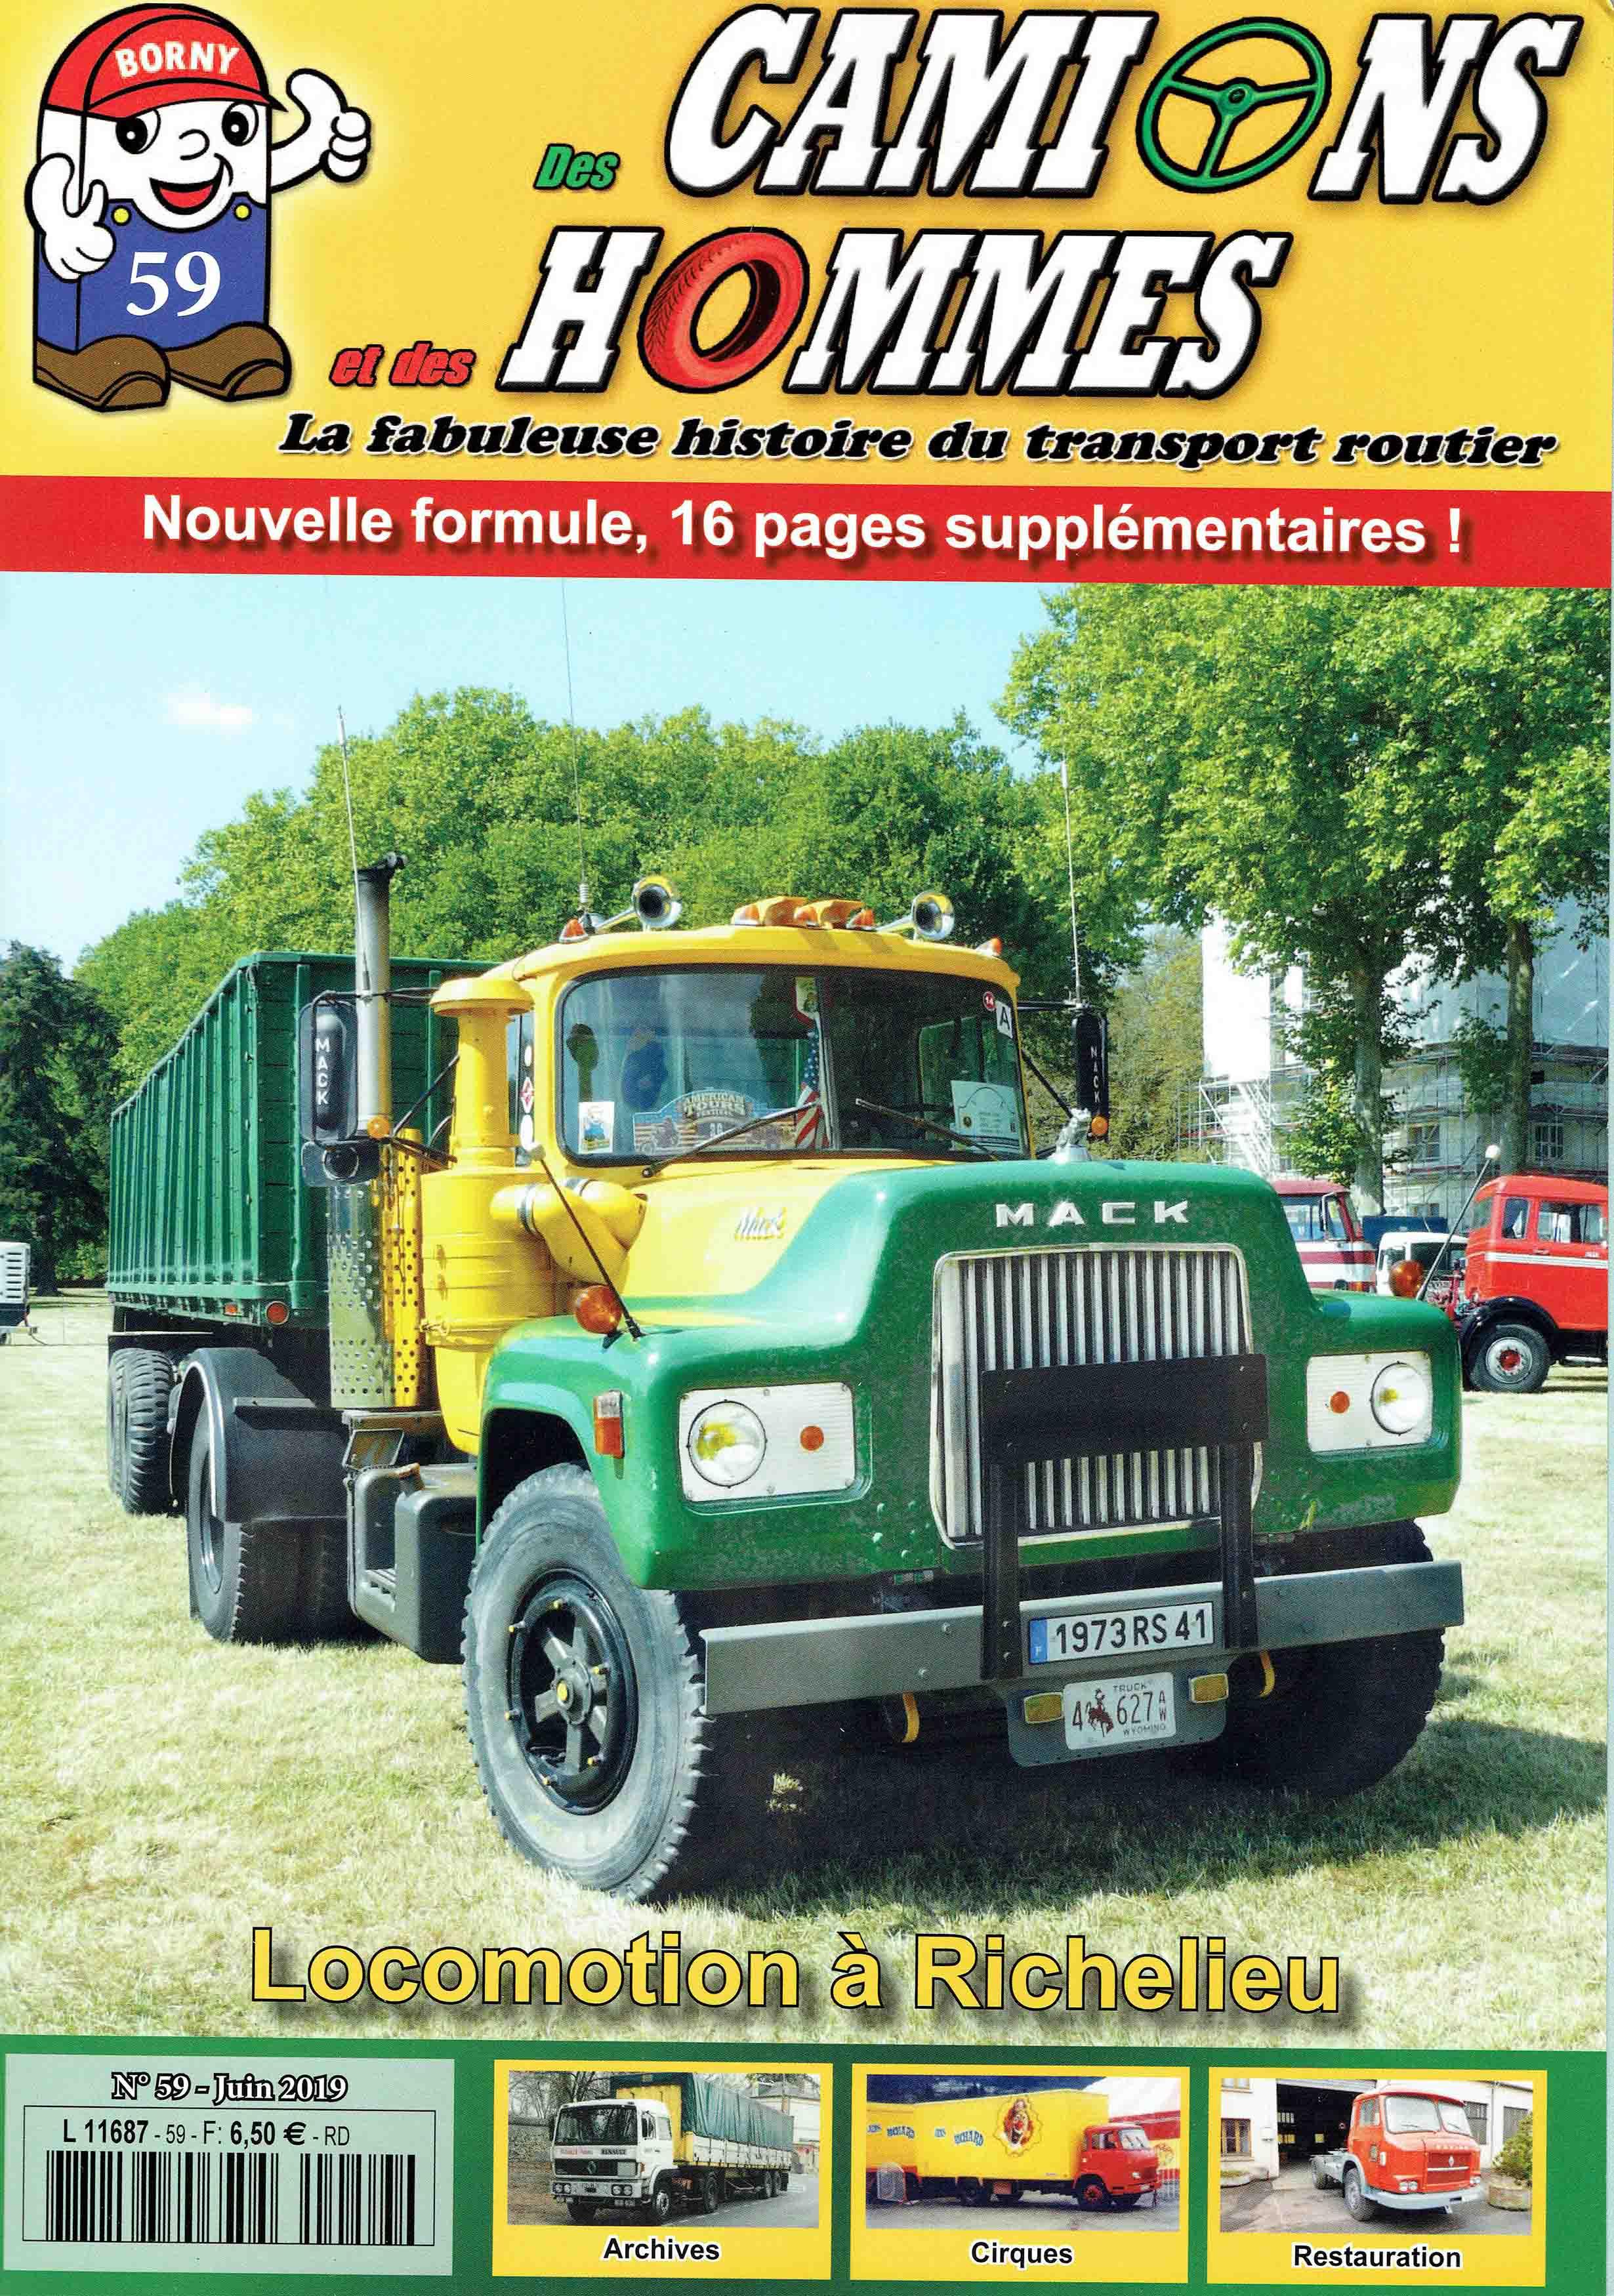 Magazine N°59 Des Camions et des Hommes (Etranger)